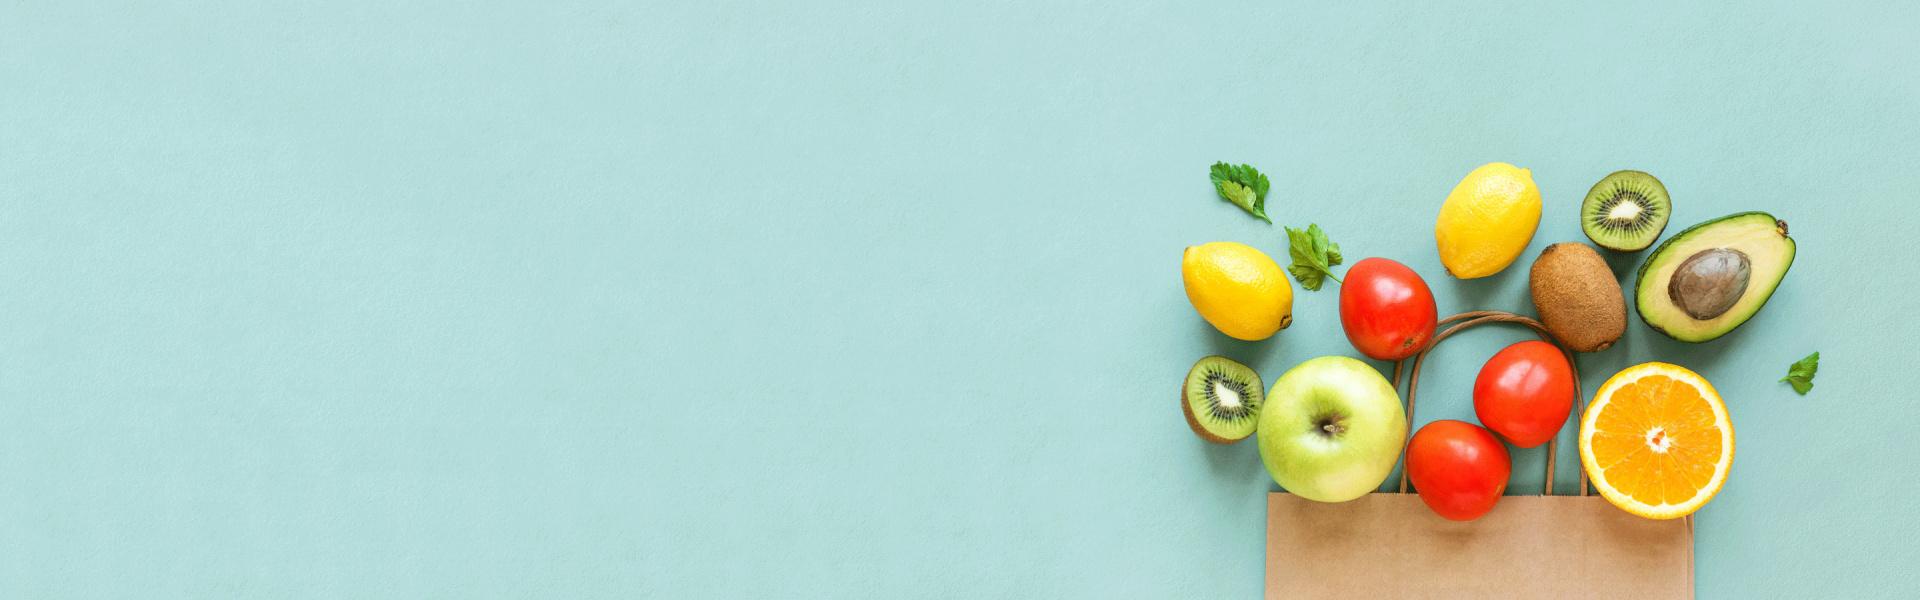 <p>Combina rojo, amarillo,naranja,<br /> violeta y verde en tus platos.</p>  <p></p>